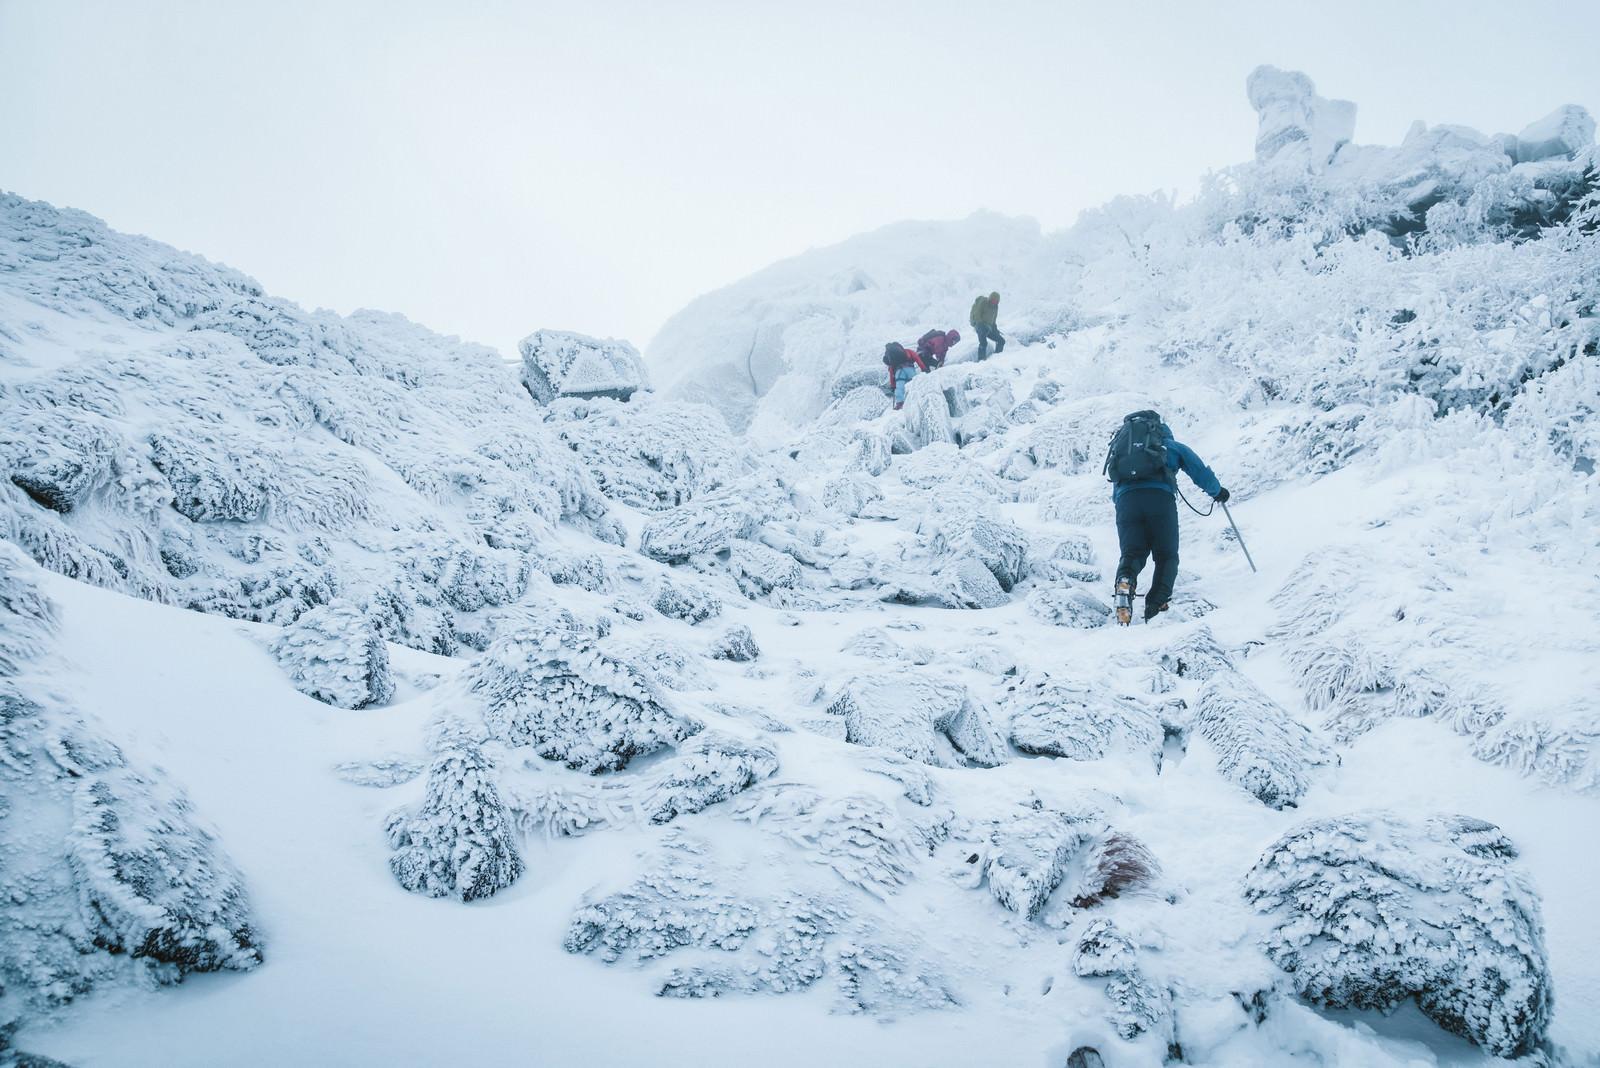 「悪天候の雪山に挑む登山者達」の写真